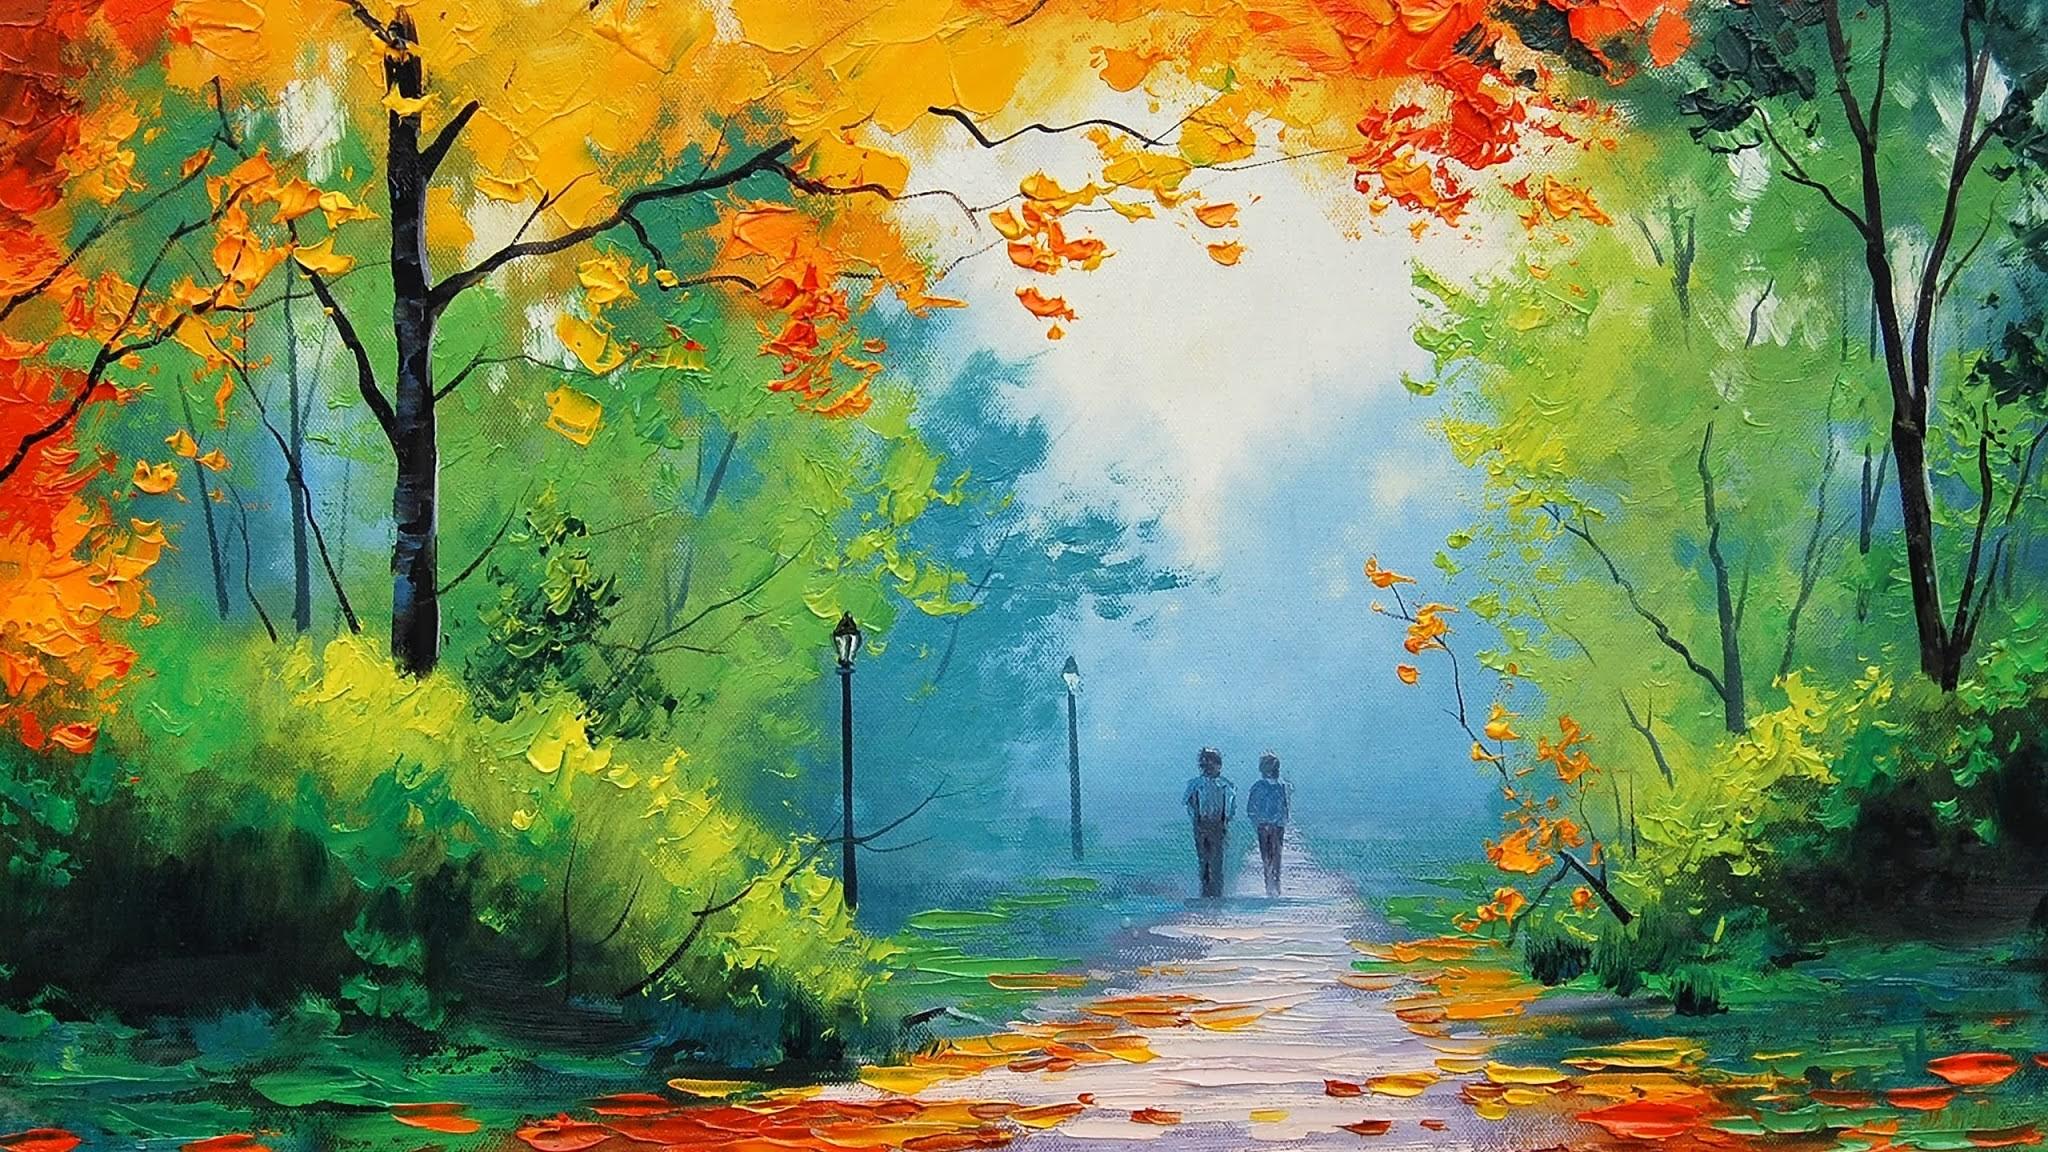 Осенние картинки для детей яркие нарисованные